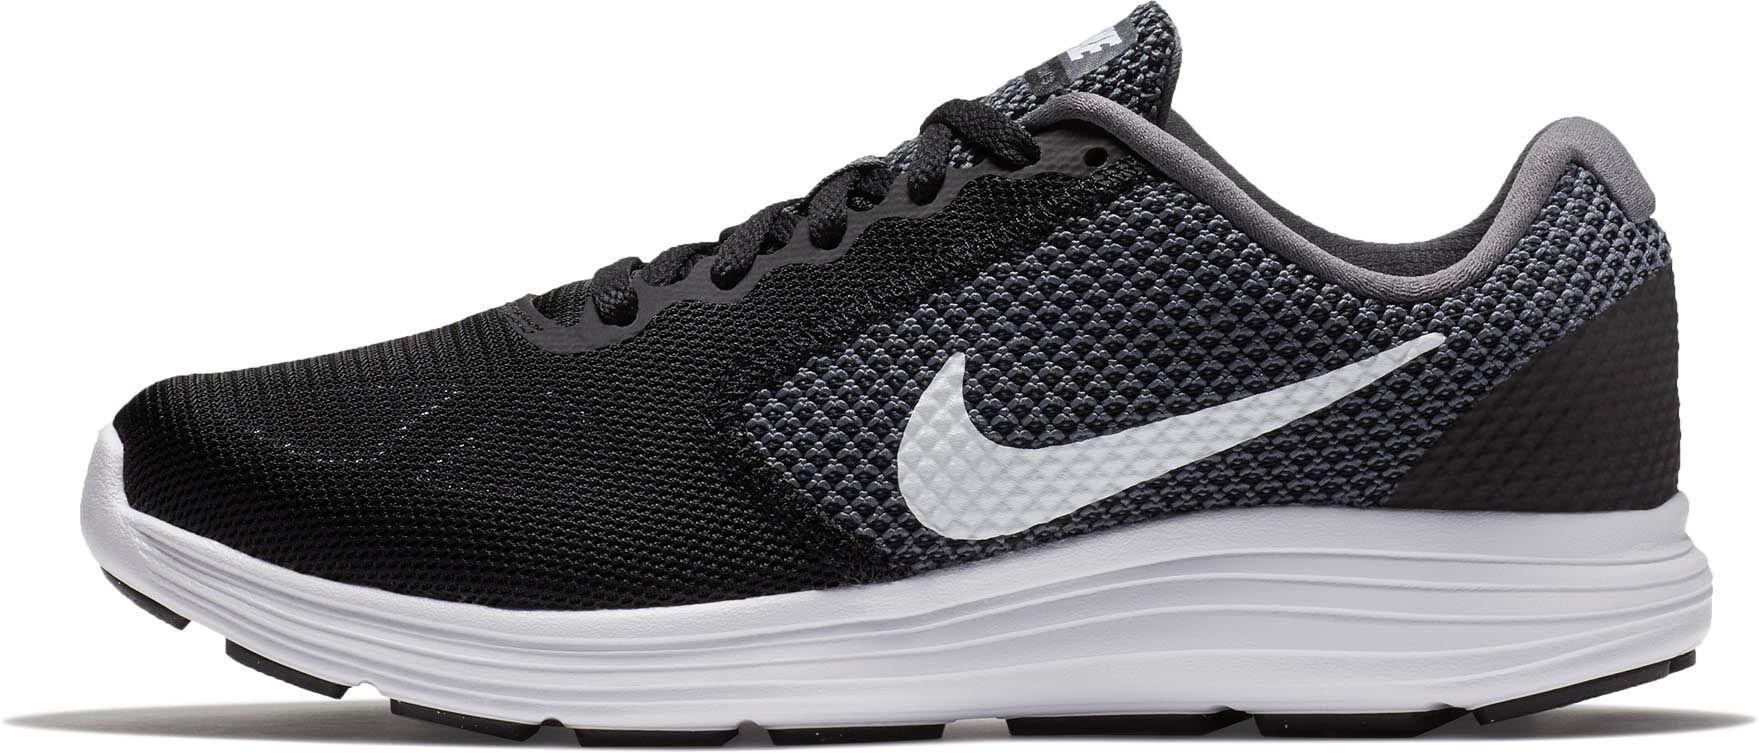 Hardloopschoenen Hardloopschoenen Nike Hardloopschoenen 3 Revolution Revolution Revolution 3 Revolution Nike Nike Hardloopschoenen 3 Nike 3 Nike Revolution 5aR0qaAx